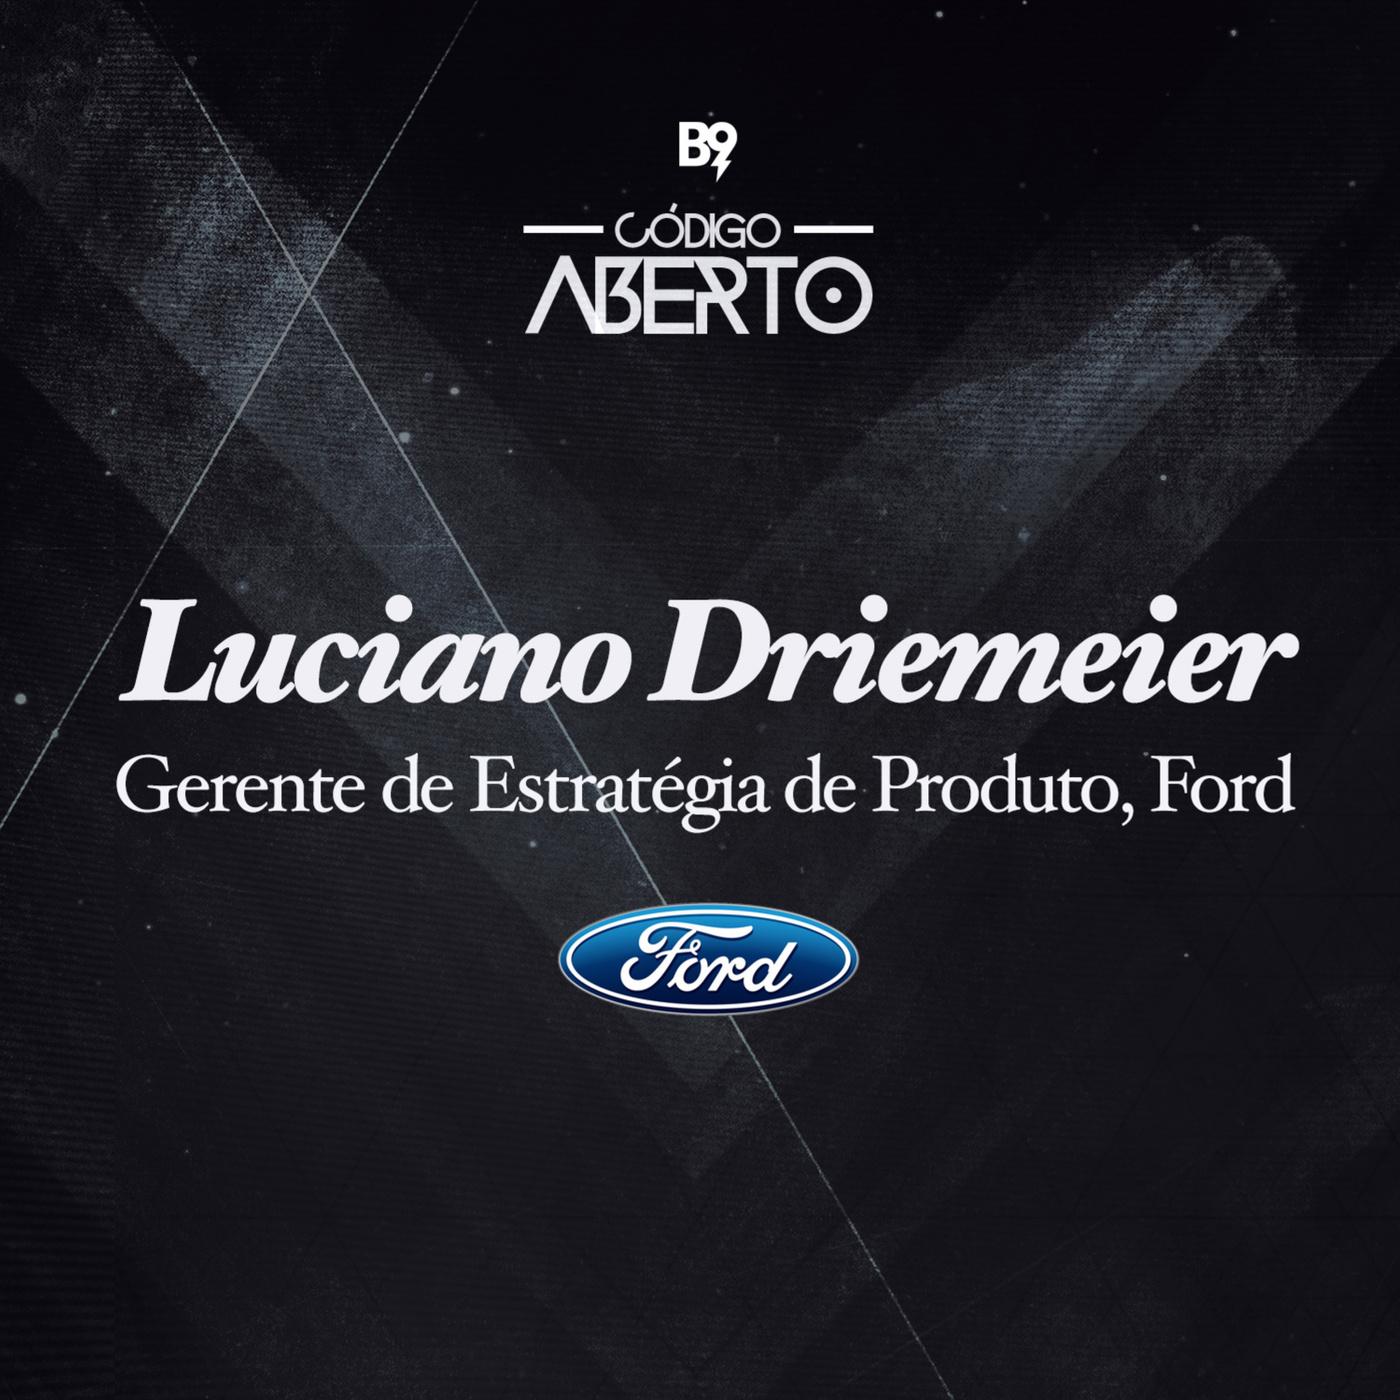 Luciano Driemeier, Gerente de Estratégia de Produto, Ford